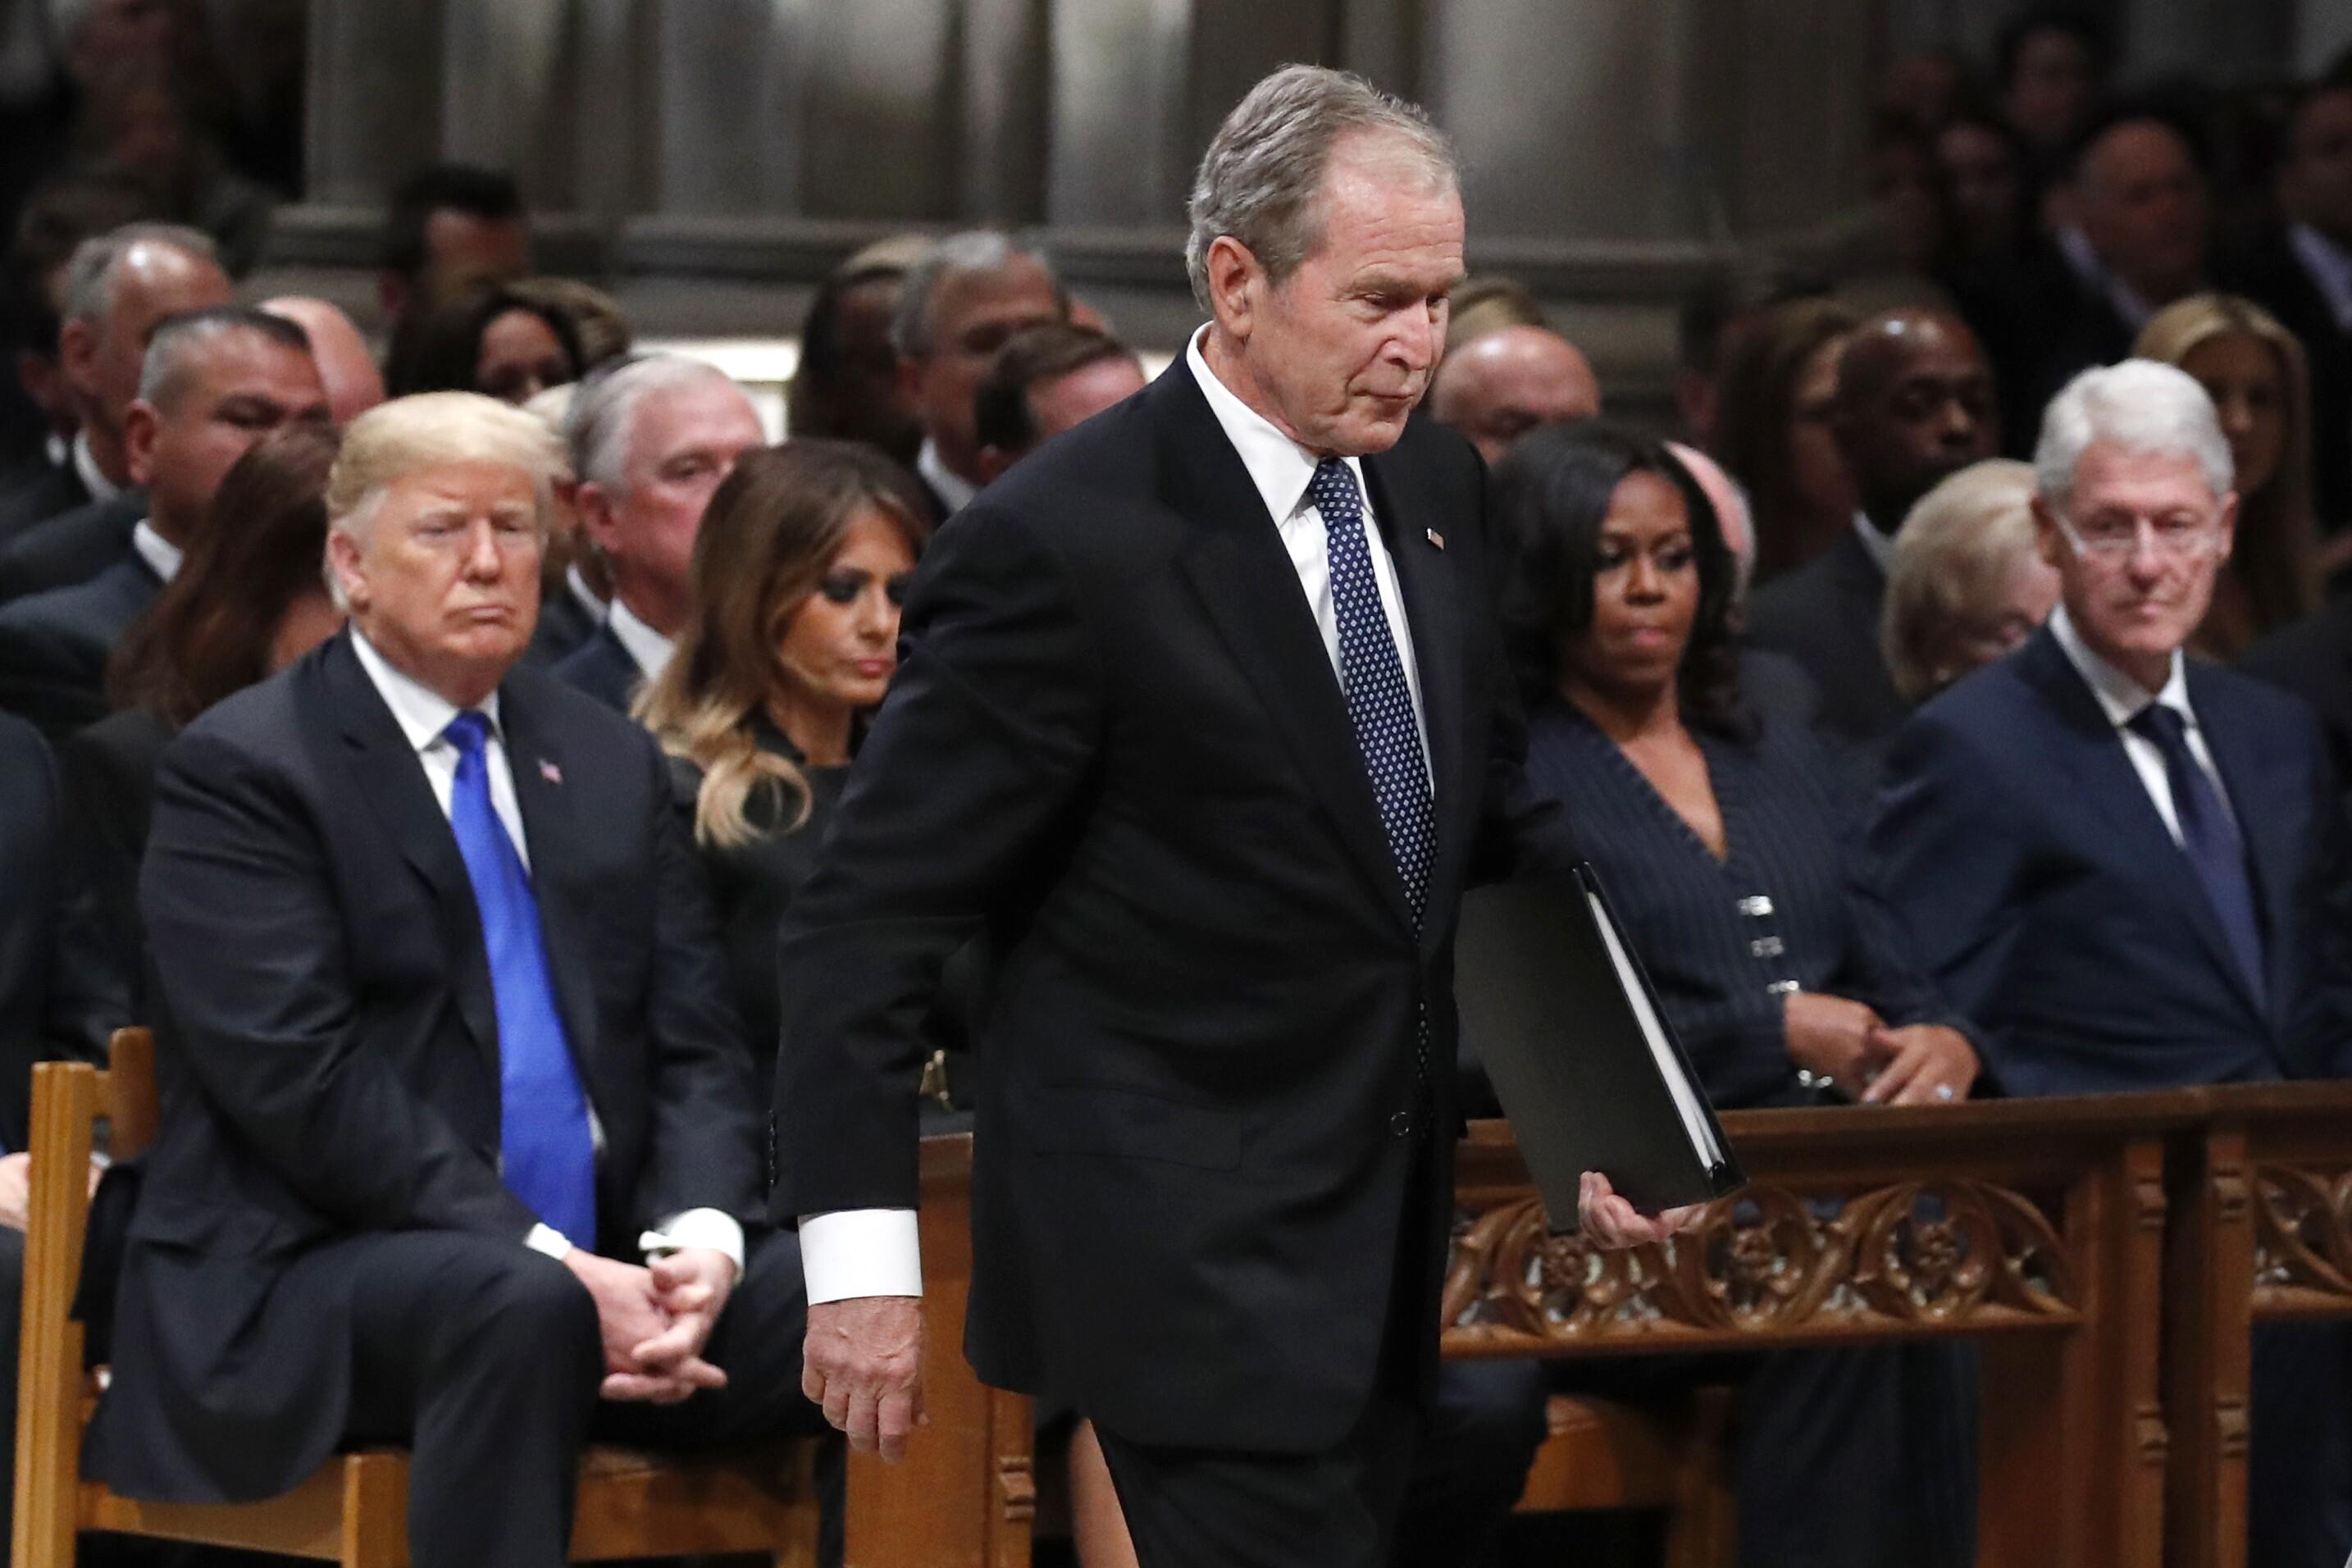 前总统乔治·W·布什走过特朗普总统,第一夫人梅拉尼娅·特朗普,米歇尔·奥巴马和前总统比尔·克林顿,为他的父亲,前总统乔治·H·W悼词。布什,在2018年12月5日国家大教堂的国葬期间,在华盛顿。